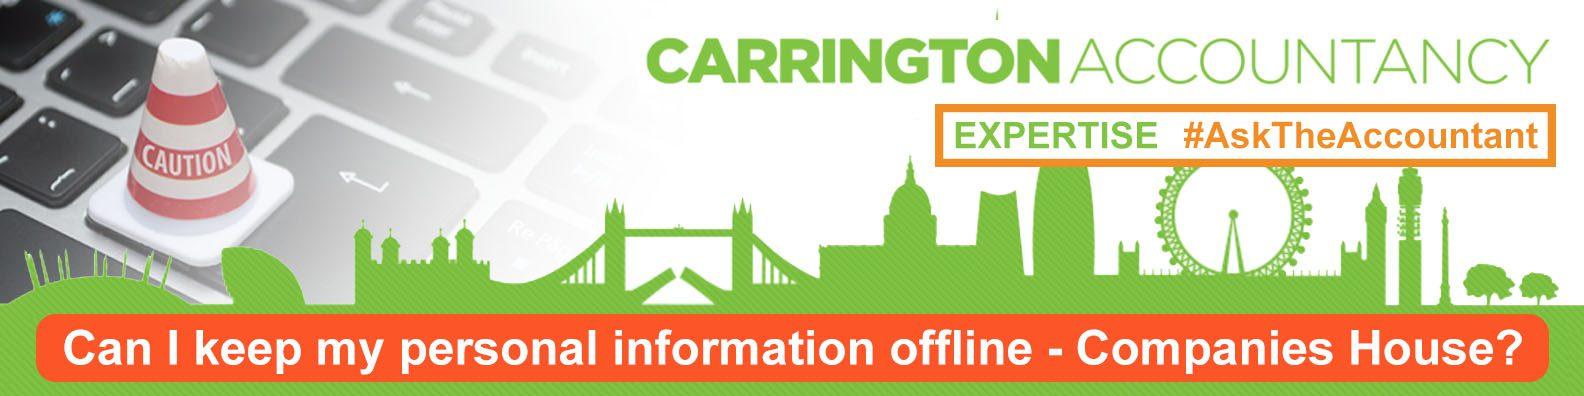 Carrington Accountancy News